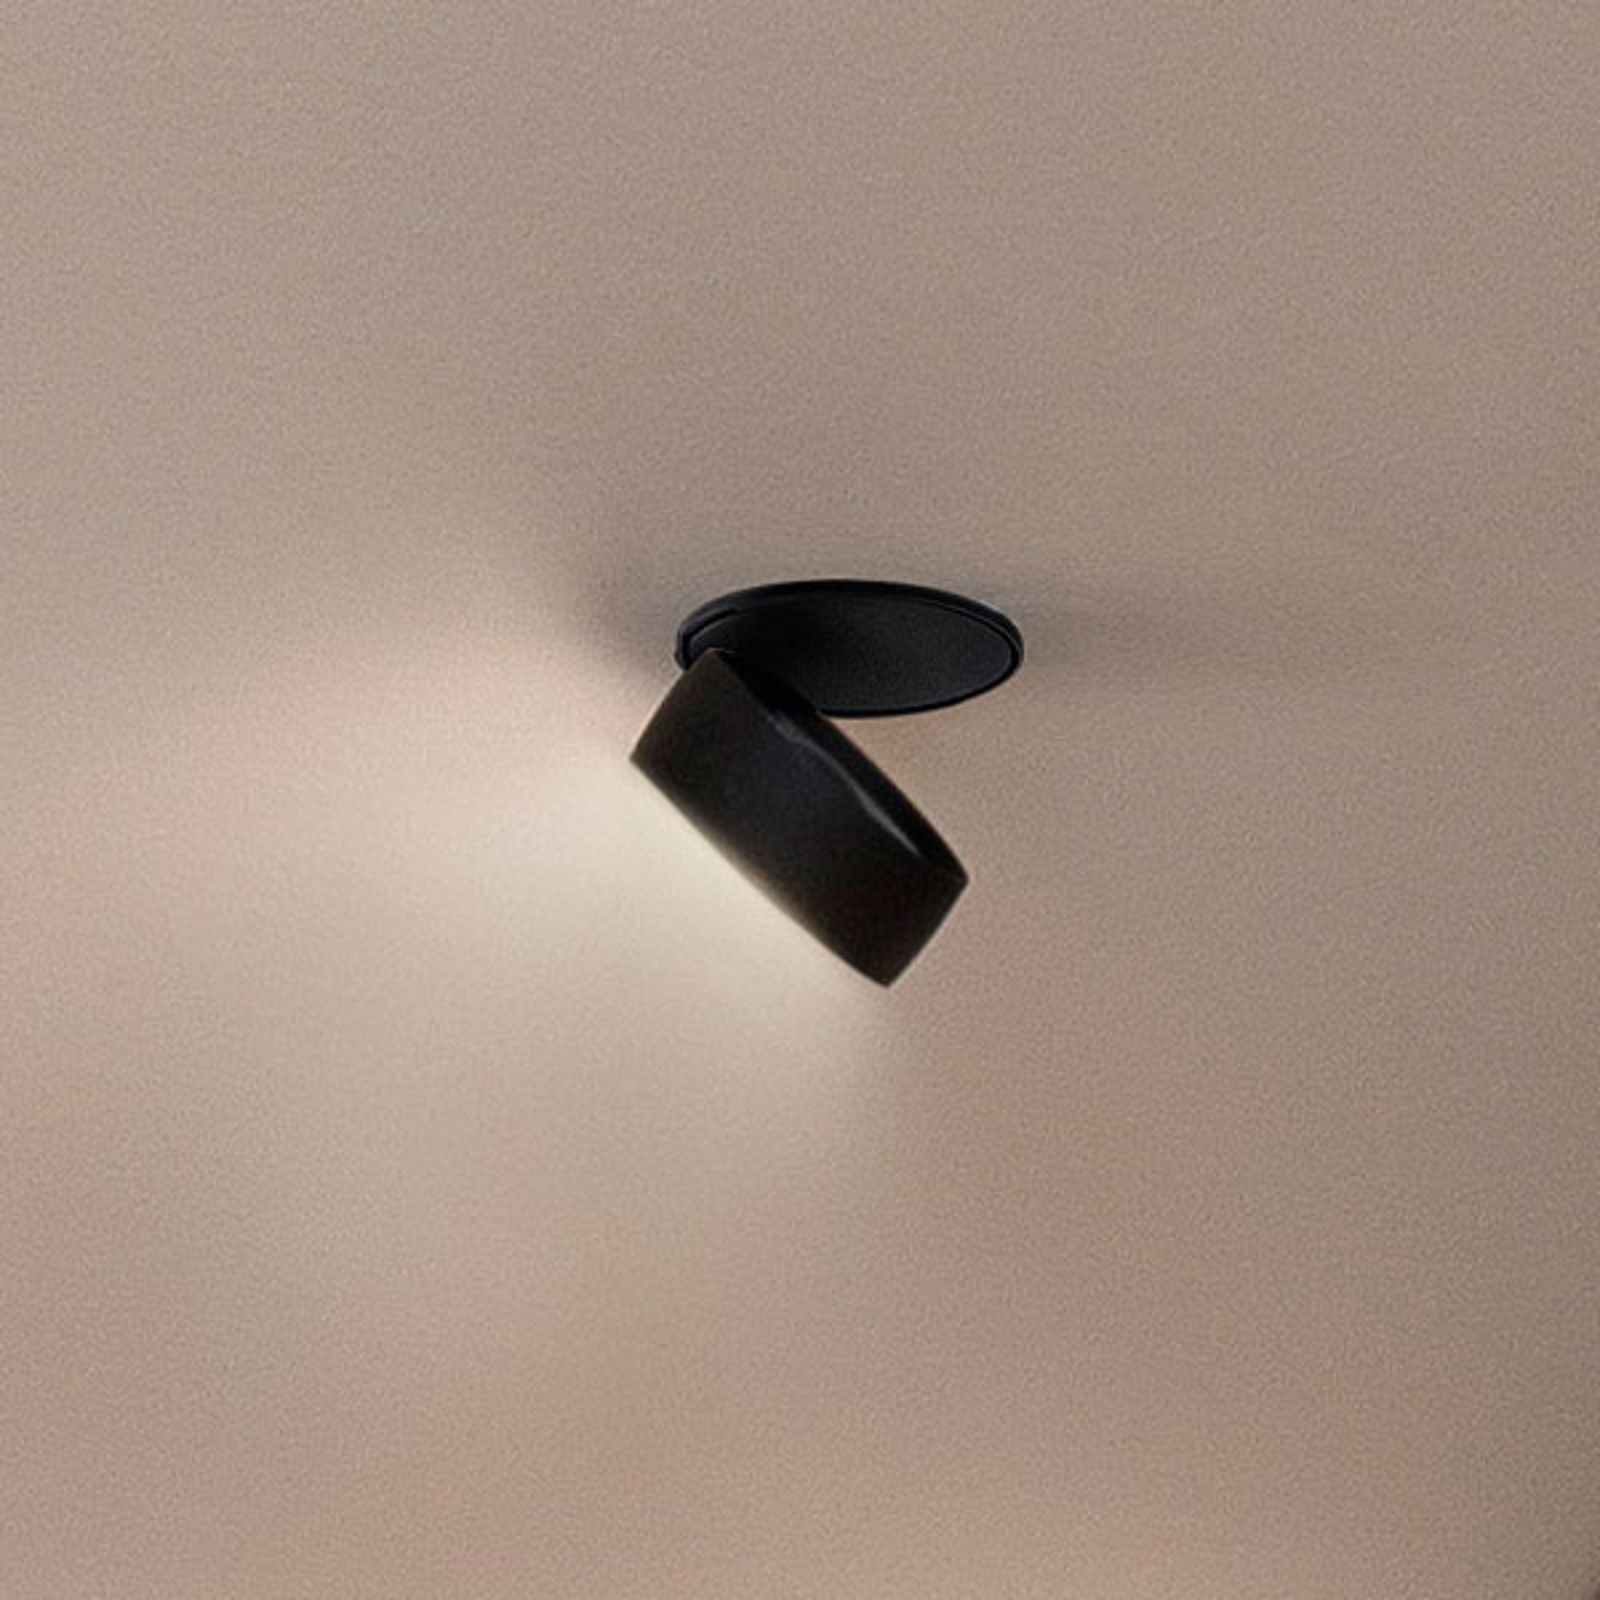 Egger Clippo EP LED-downlight, svart, 2700K